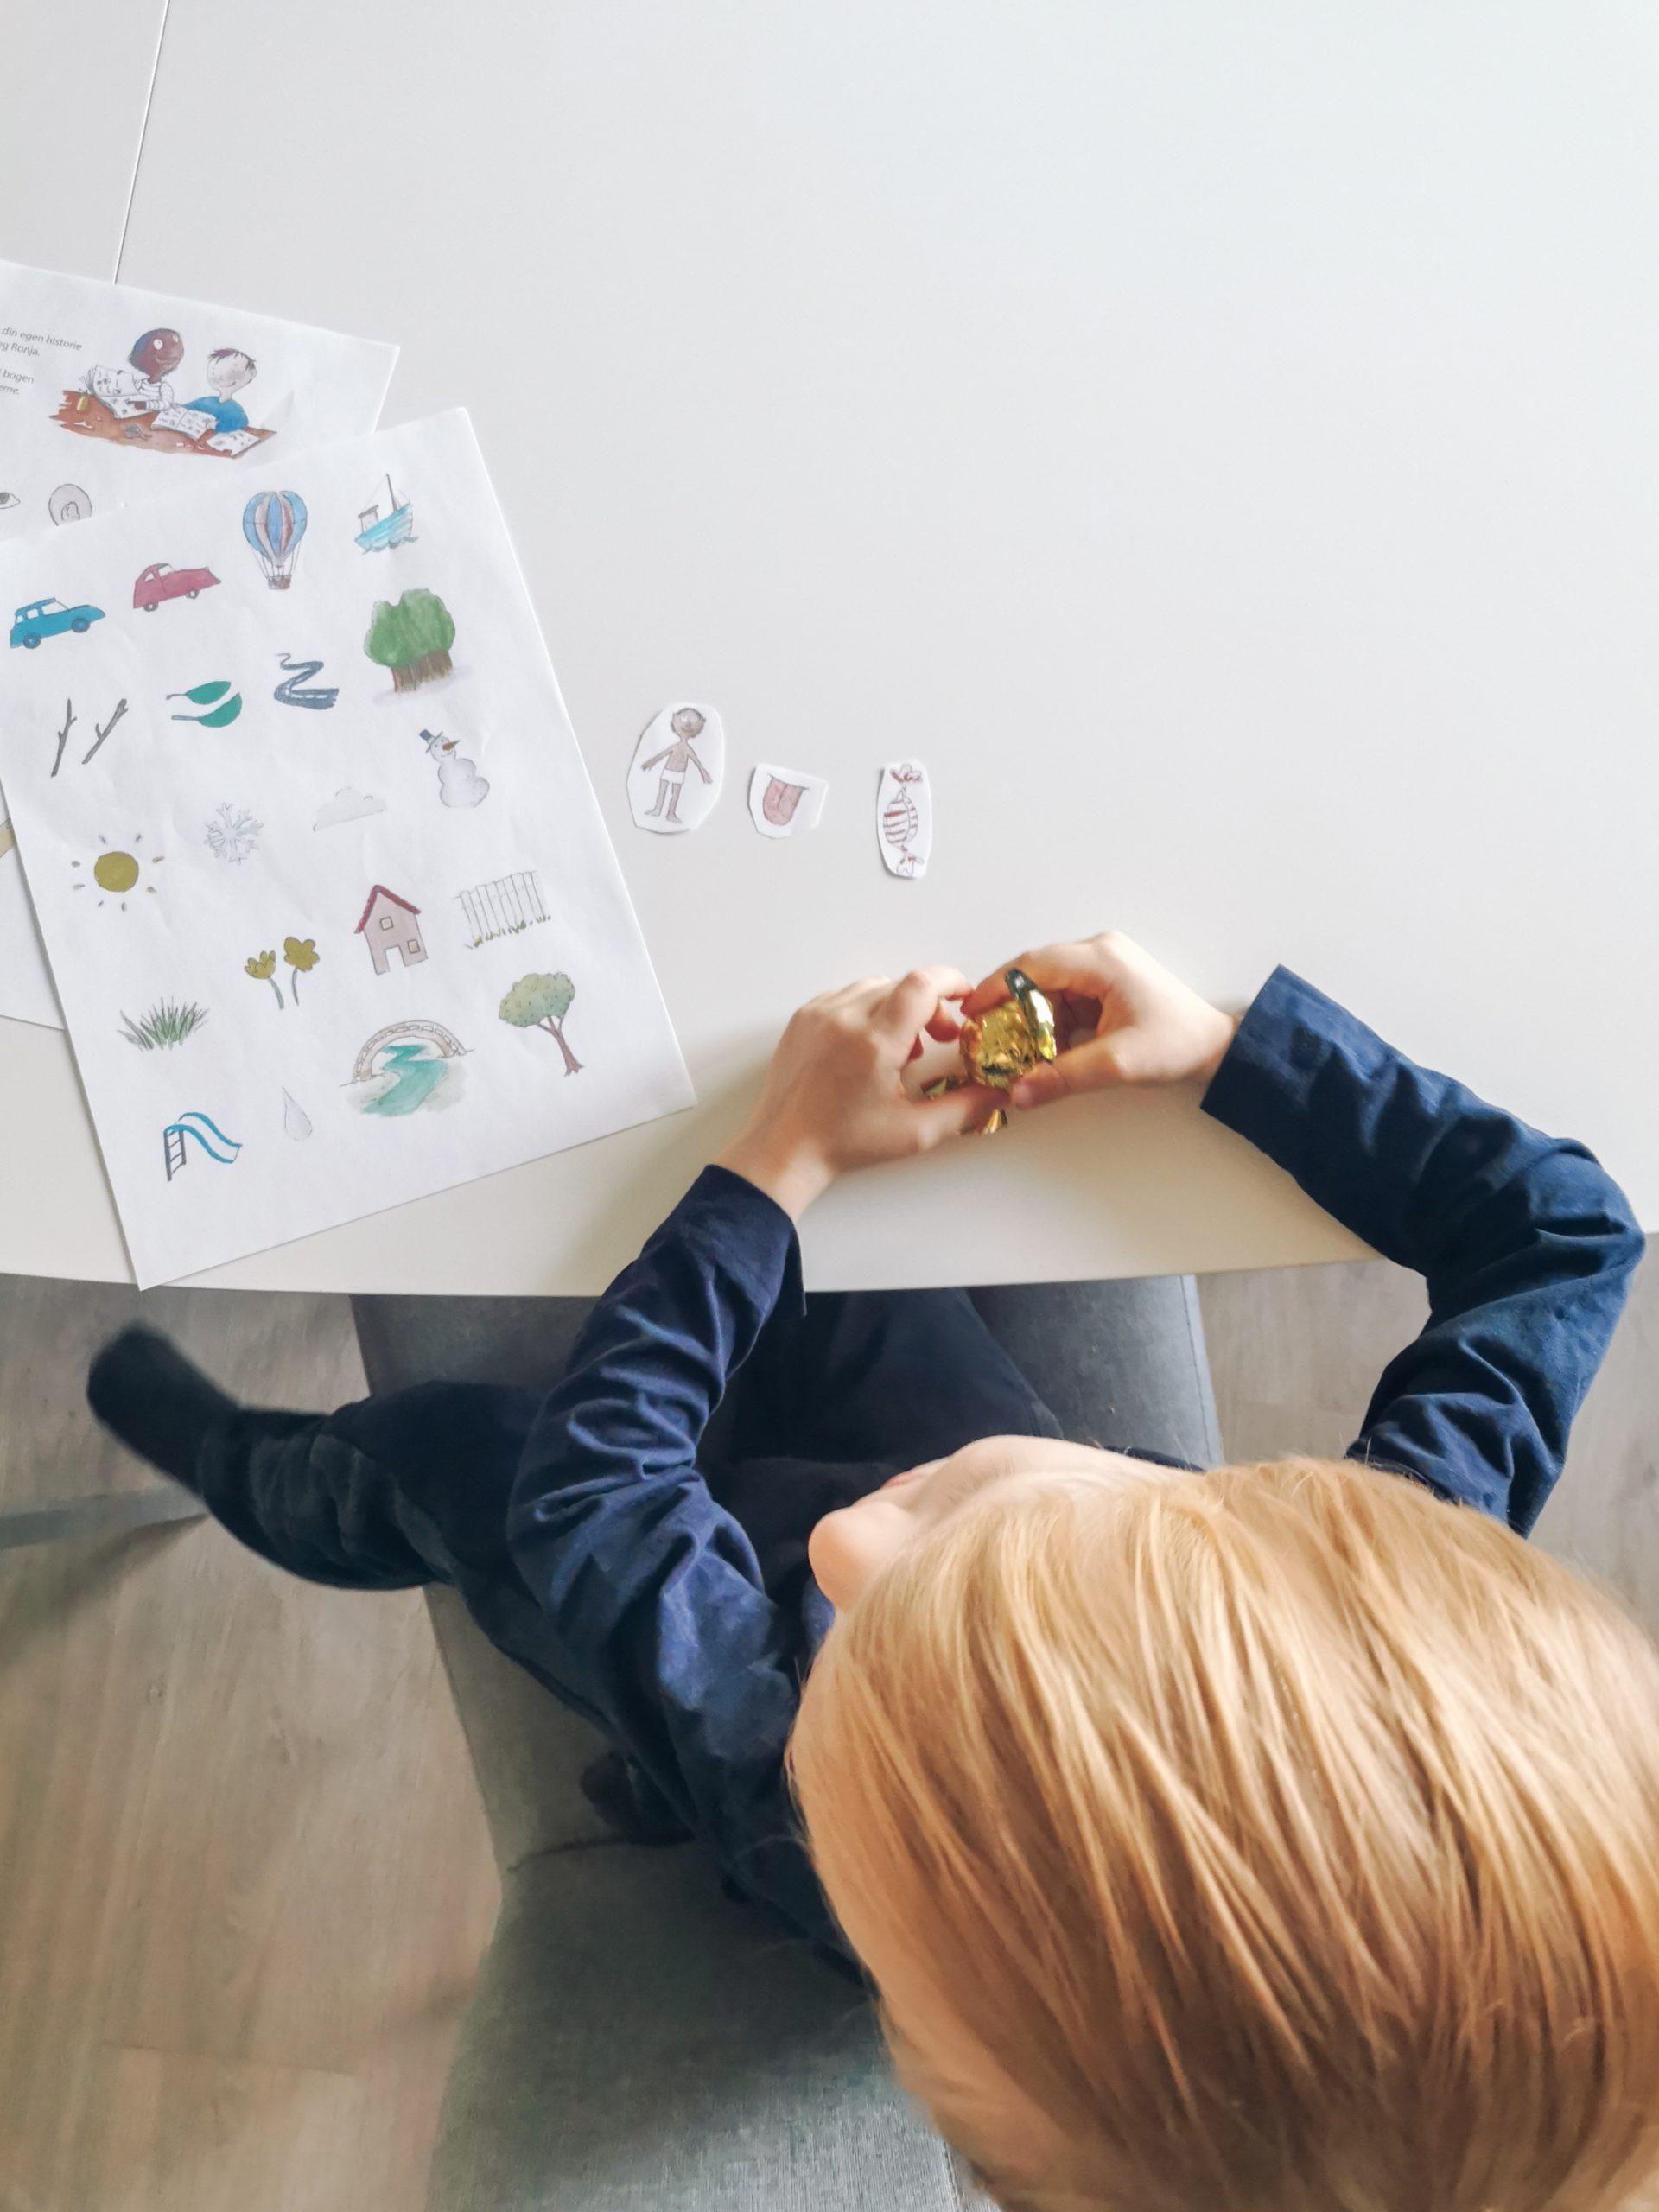 styrke mit barns læseevne - ved at opbygge sætninger med illustrattioner. Første step til stavning